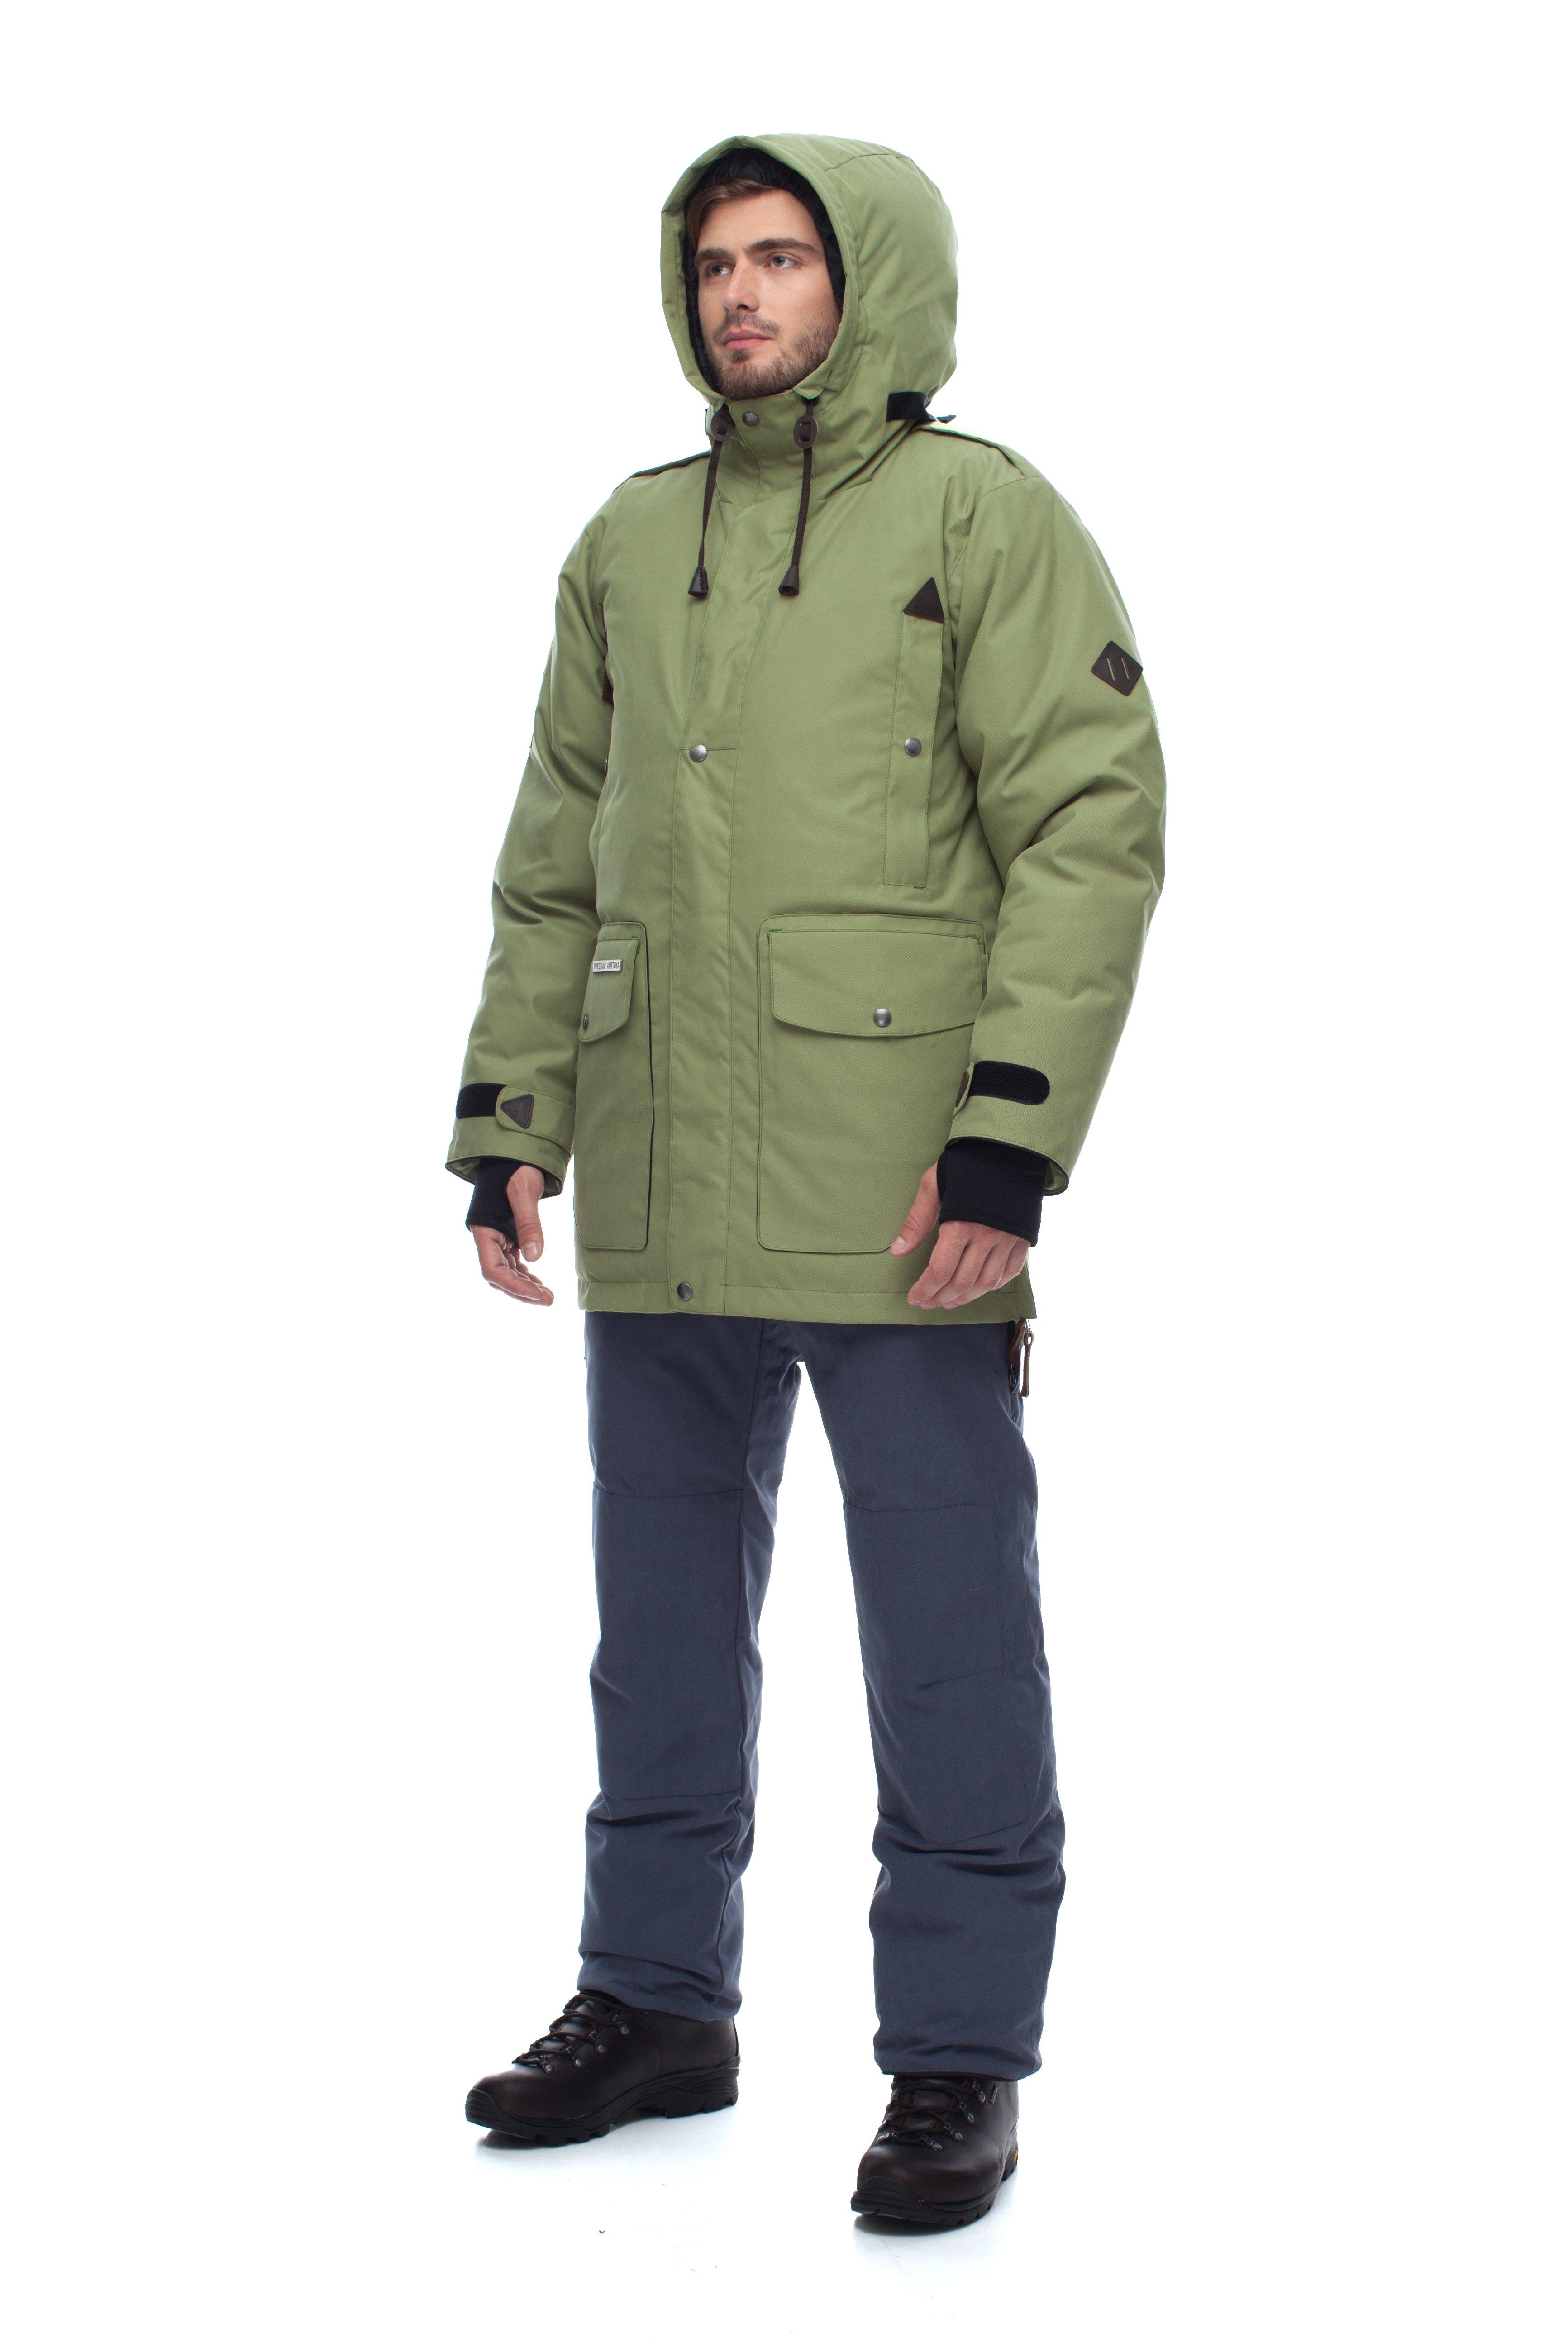 Пуховая куртка BASK PUTORANA HARD 3774Куртки<br><br><br>Верхняя ткань: Advance® Alaska<br>Вес граммы: 2155<br>Вес утеплителя: 400<br>Ветро-влагозащитные свойства верхней ткани: Да<br>Ветрозащитная планка: Да<br>Ветрозащитная юбка: Нет<br>Влагозащитные молнии: Нет<br>Внутренние манжеты: Да<br>Внутренняя ткань: Advance® Classic<br>Водонепроницаемость: 5000<br>Дублирующий центральную молнию клапан: Да<br>Защитный козырёк капюшона: Нет<br>Капюшон: Несъемный<br>Карман для средств связи: Нет<br>Количество внешних карманов: 8<br>Количество внутренних карманов: 2<br>Мембрана: Да<br>Объемный крой локтевой зоны: Нет<br>Отстёгивающиеся рукава: Нет<br>Паропроницаемость: 5000<br>Показатель Fill Power (для пуховых изделий): 650<br>Пол: Мужской<br>Проклейка швов: Нет<br>Регулировка манжетов рукавов: Да<br>Регулировка низа: Нет<br>Регулировка объёма капюшона: Да<br>Регулировка талии: Да<br>Регулируемые вентиляционные отверстия: Нет<br>Световозвращающая лента: Нет<br>Температурный режим: -35<br>Технология Thermal Welding: Нет<br>Технология швов: Простые<br>Тип молнии: Двухзамковая<br>Тип утеплителя: Натуральный<br>Ткань усиления: нет<br>Усиление контактных зон: Нет<br>Утеплитель: Гусиный пух<br>Размер RU: 50<br>Цвет: ХАКИ